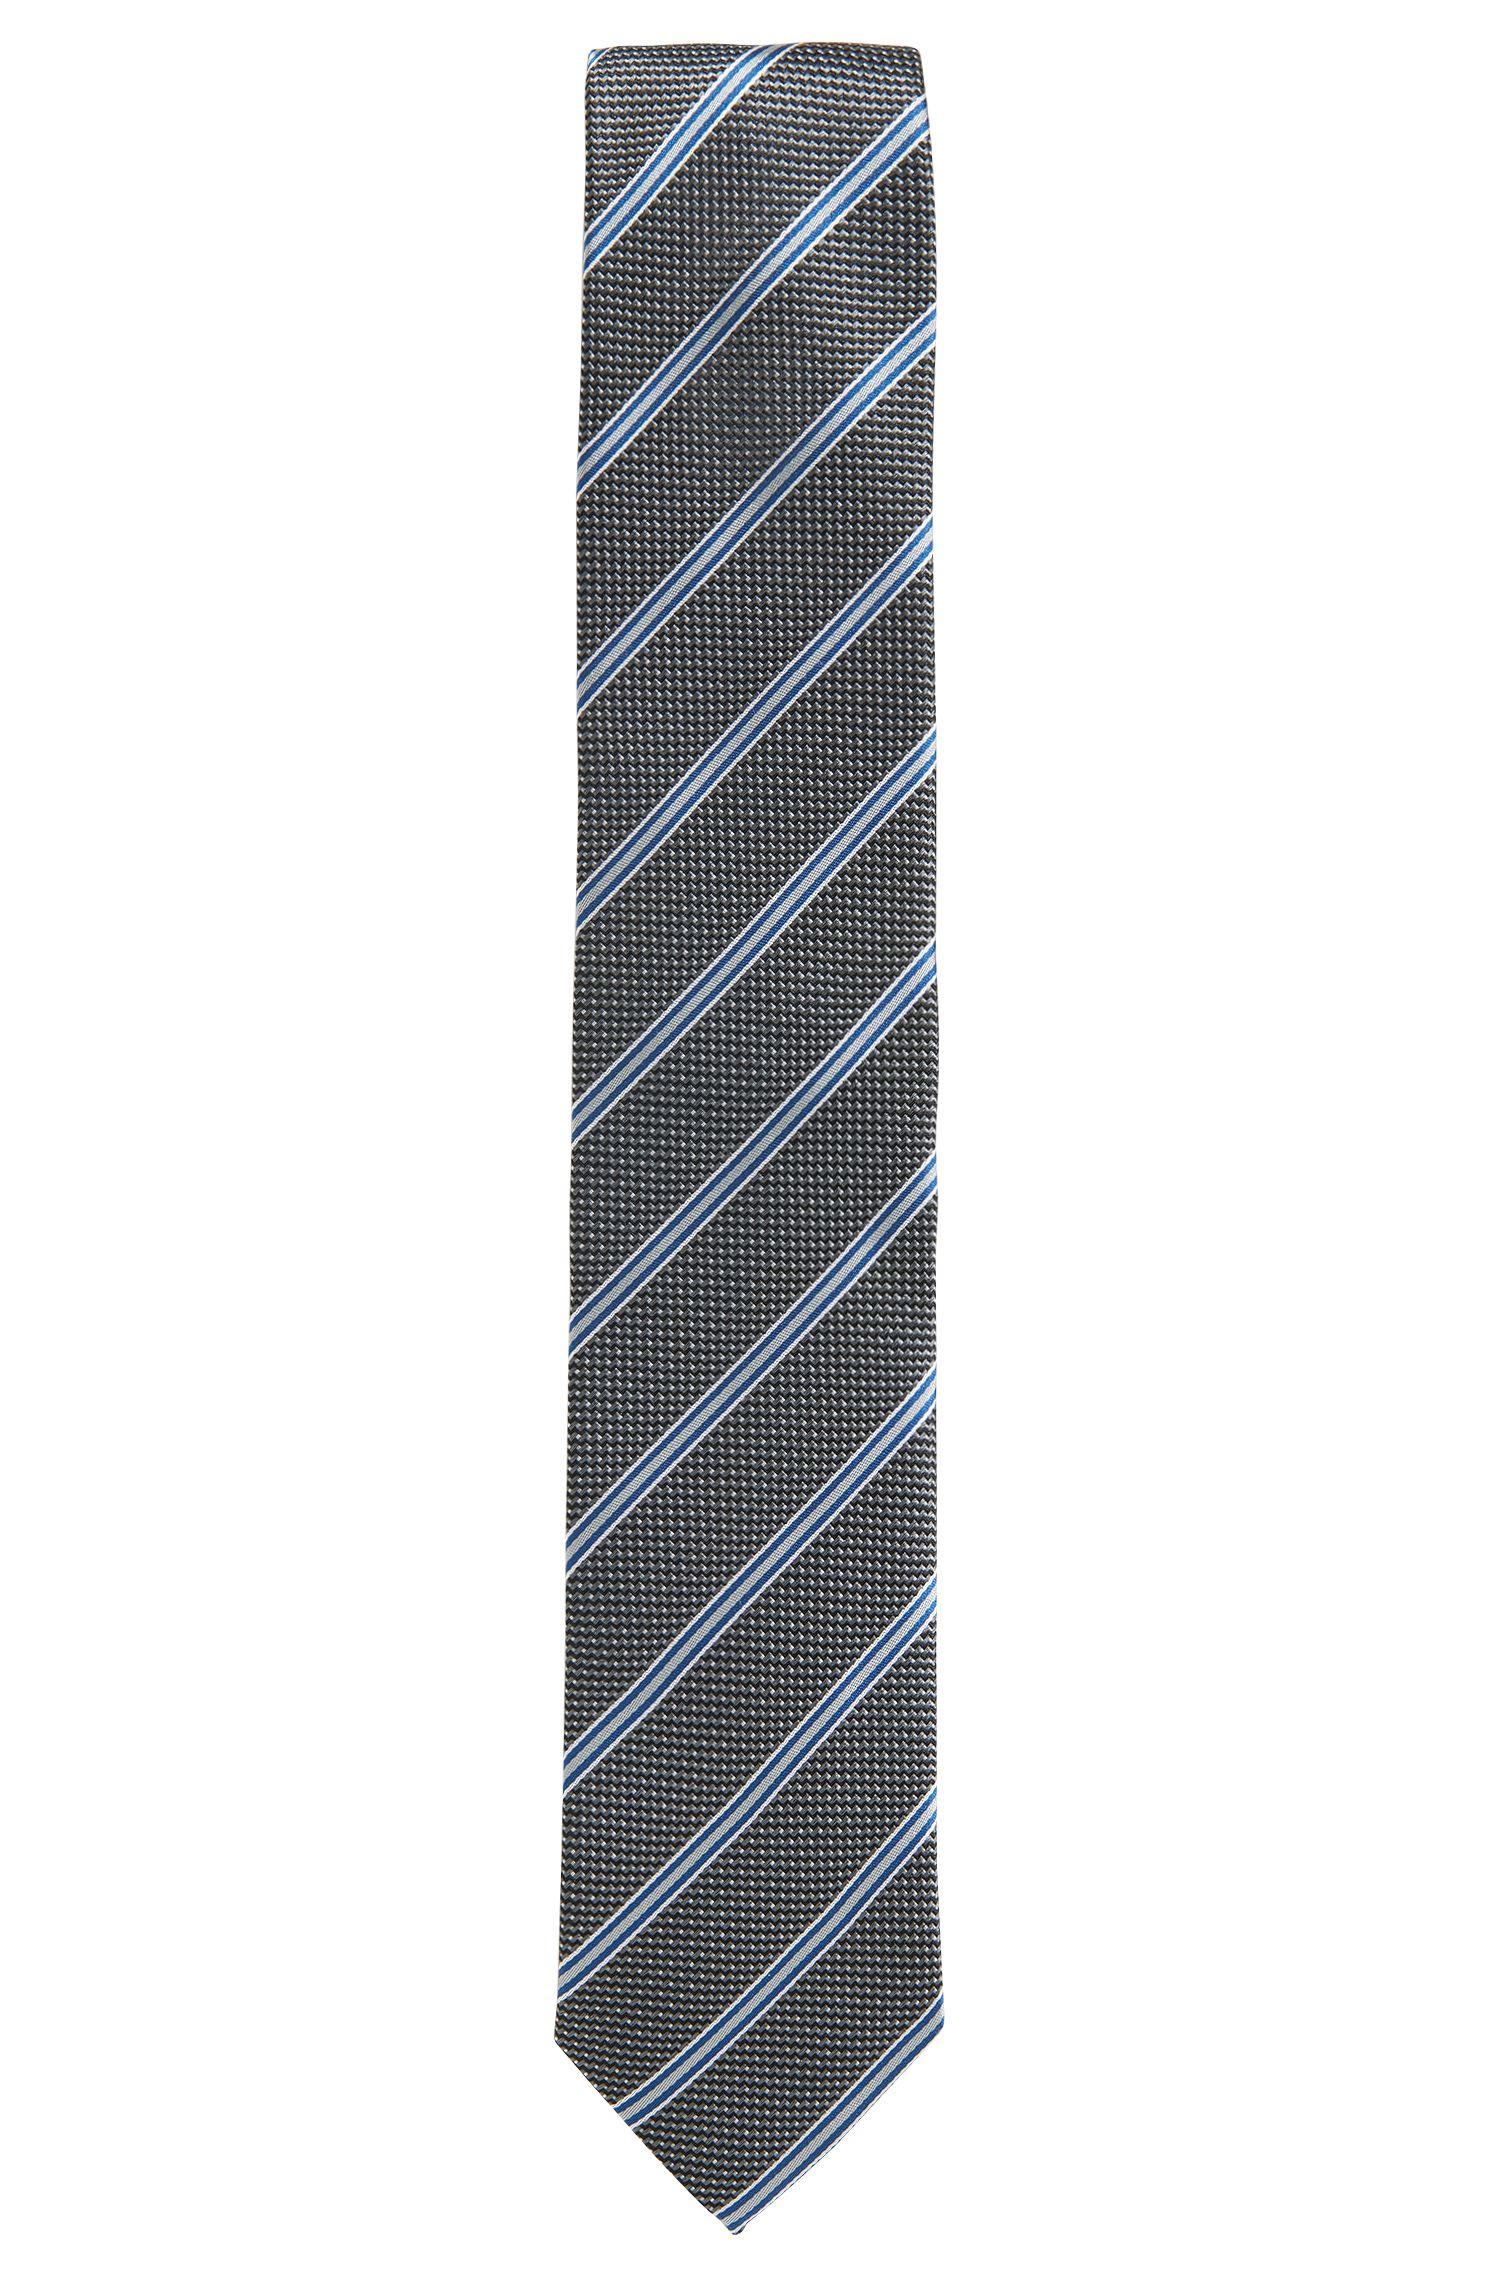 Cravatta a righe con motivo a microdisegni in seta jacquard